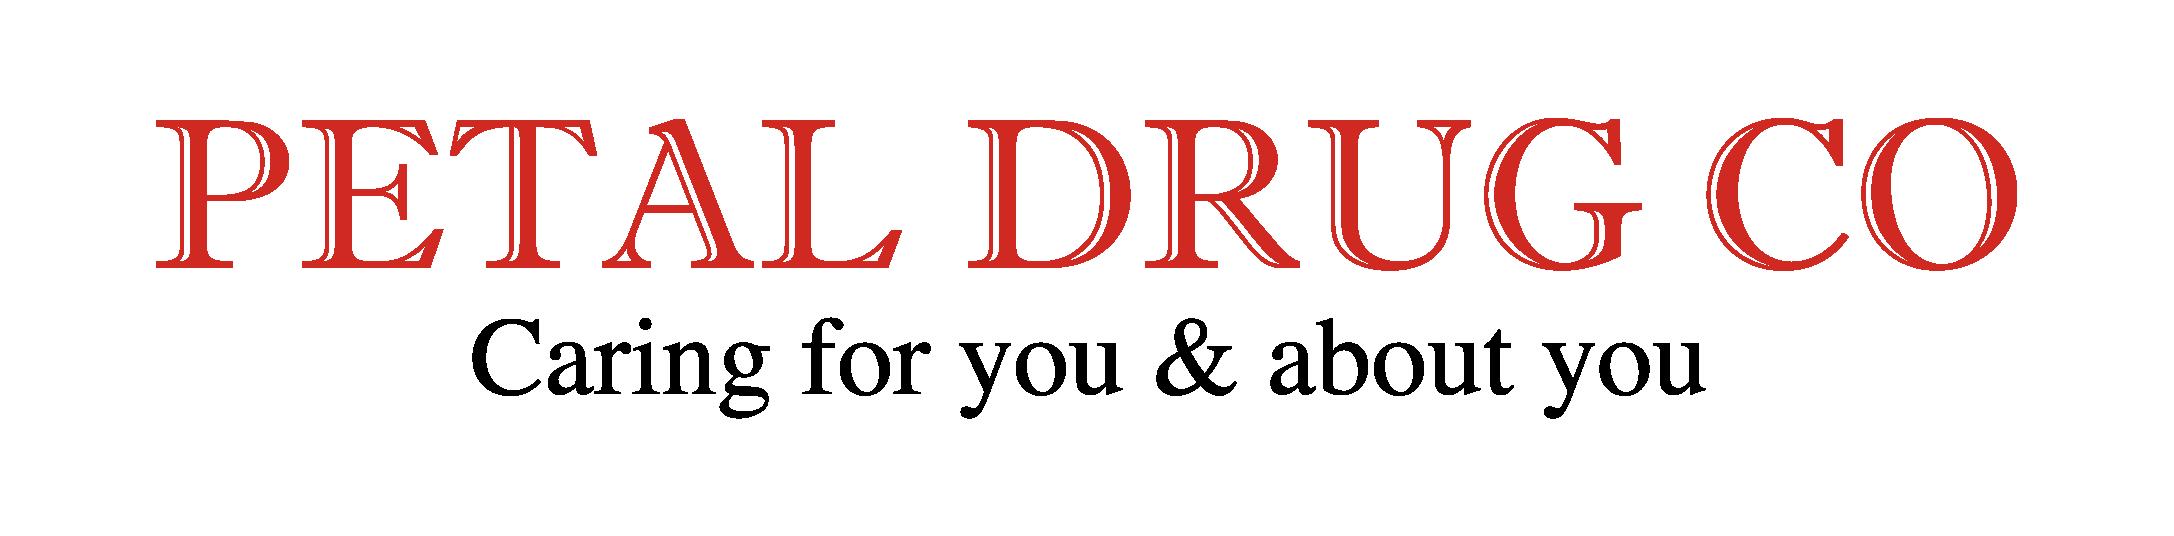 Petal Drug Co.